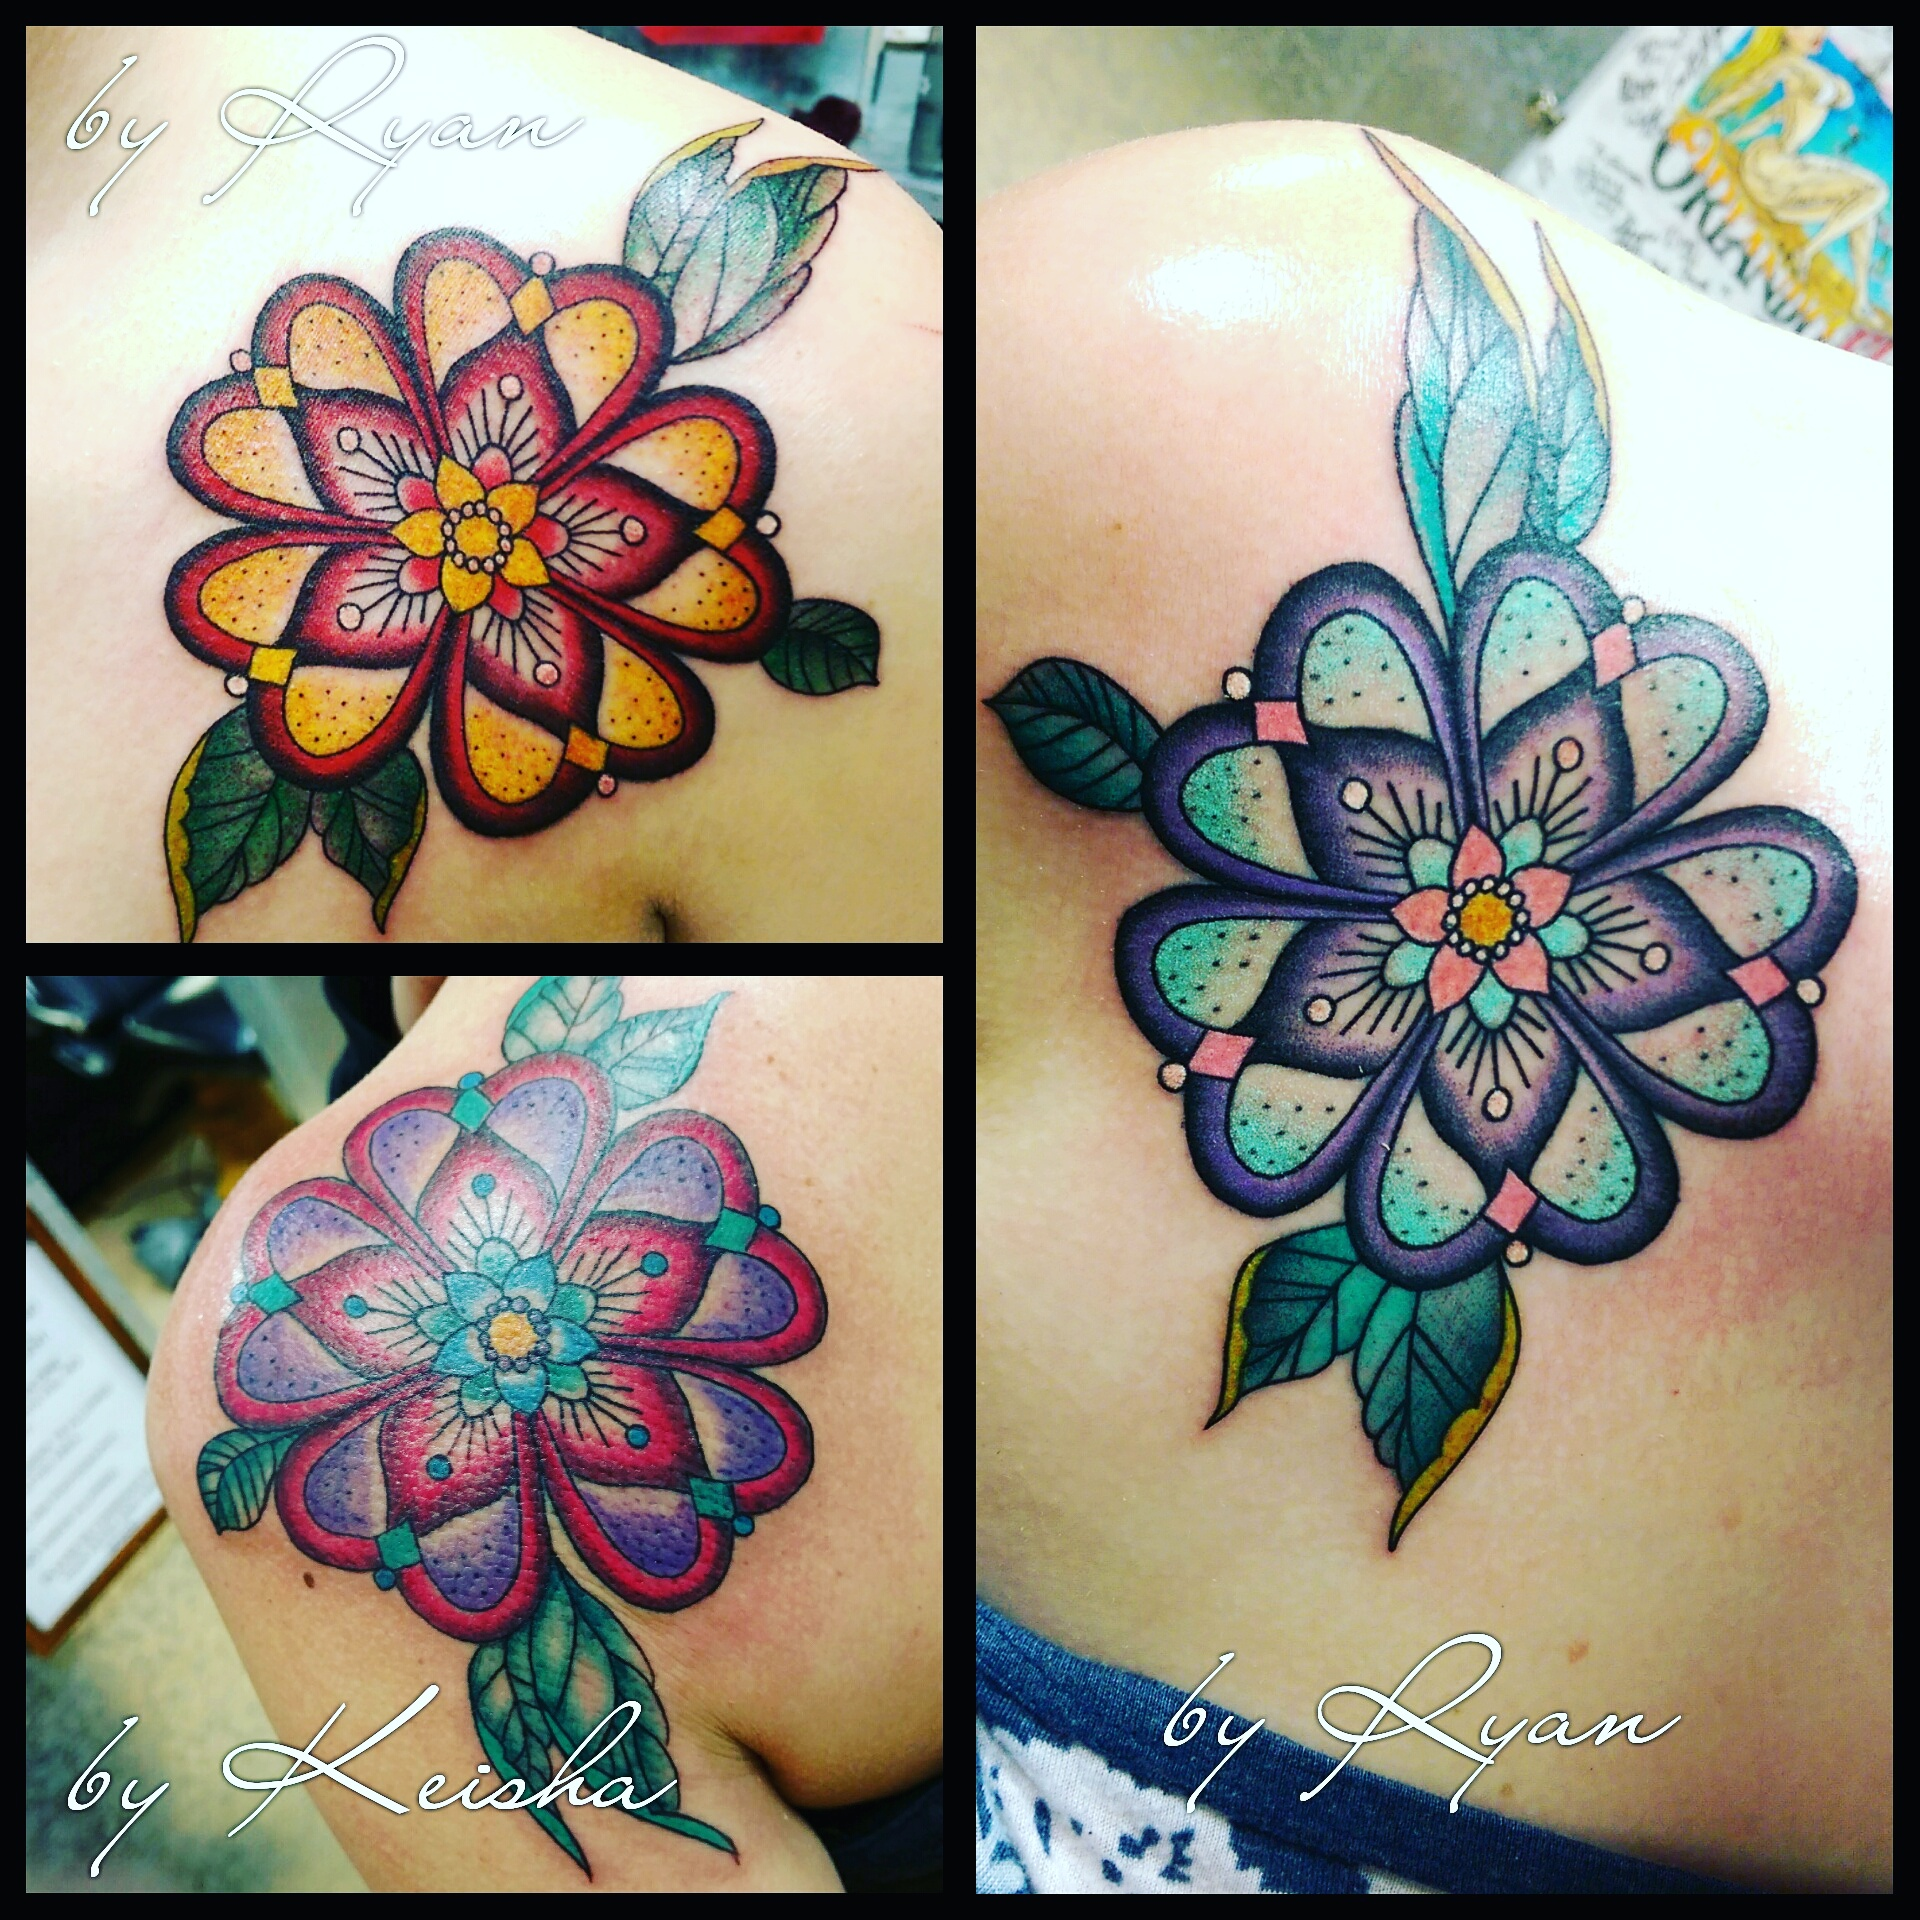 ryankeishaflowers